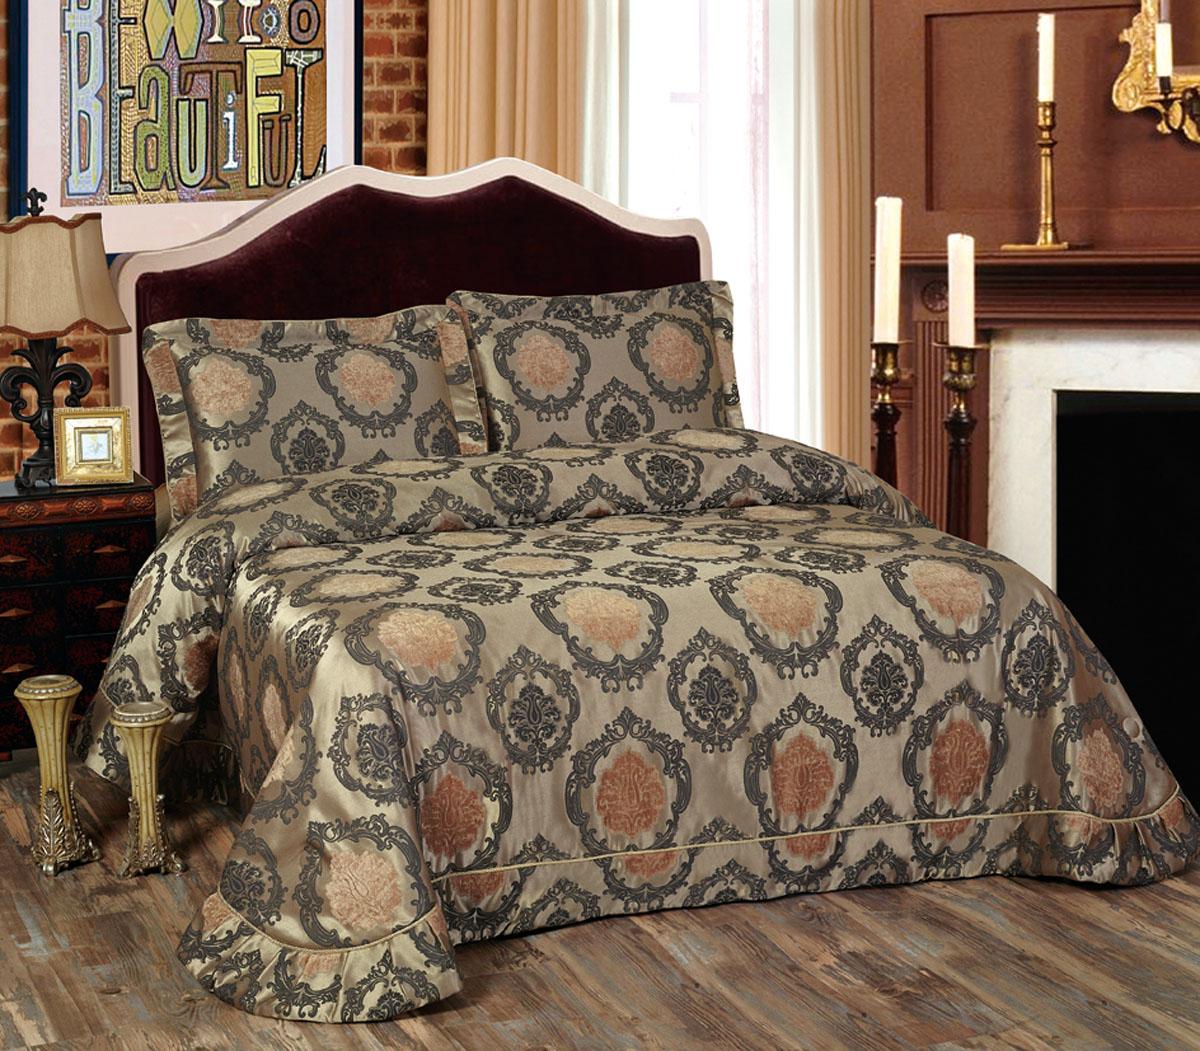 Комплект для спальни Arya Voleta: покрывало 250 х 260 см, 2 наволочки 50 х 70 см, цвет: бежевый, темно-серыйTR1001114Изысканный комплект для спальни Arya Voleta состоит из покрывала и двух наволочек. Изделия выполнены из высококачественного полиэстера, легкие, прочные и износостойкие. Комплект Arya Voleta - это отличный способ придать спальне уют и комфорт. Размер покрывала: 250 х 260 см. Размер наволочки: 50 х 70 см.